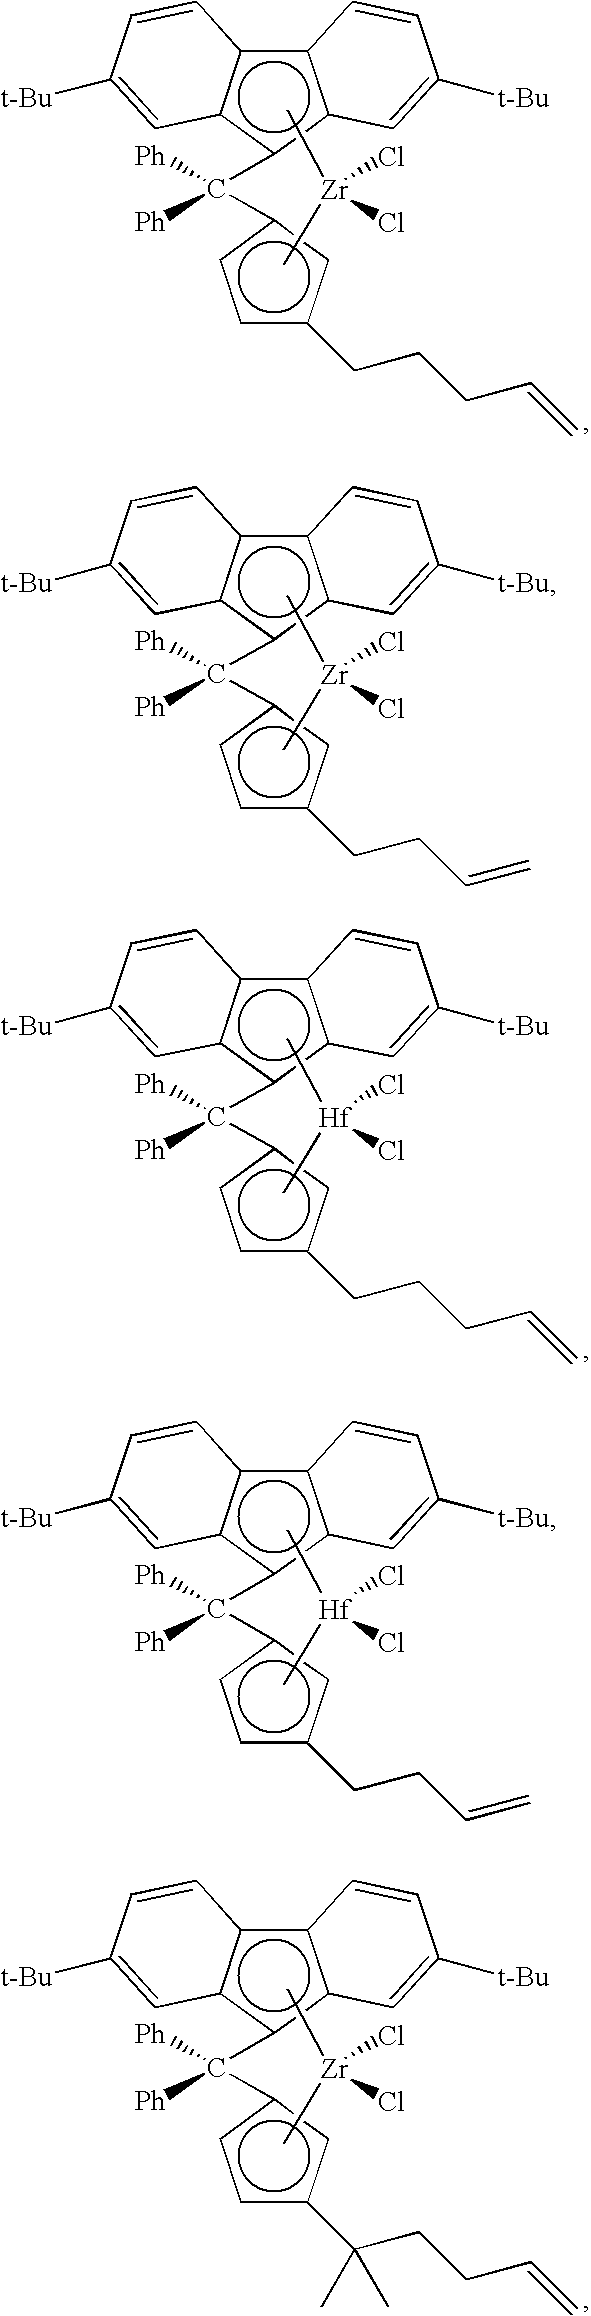 Figure US07517939-20090414-C00007